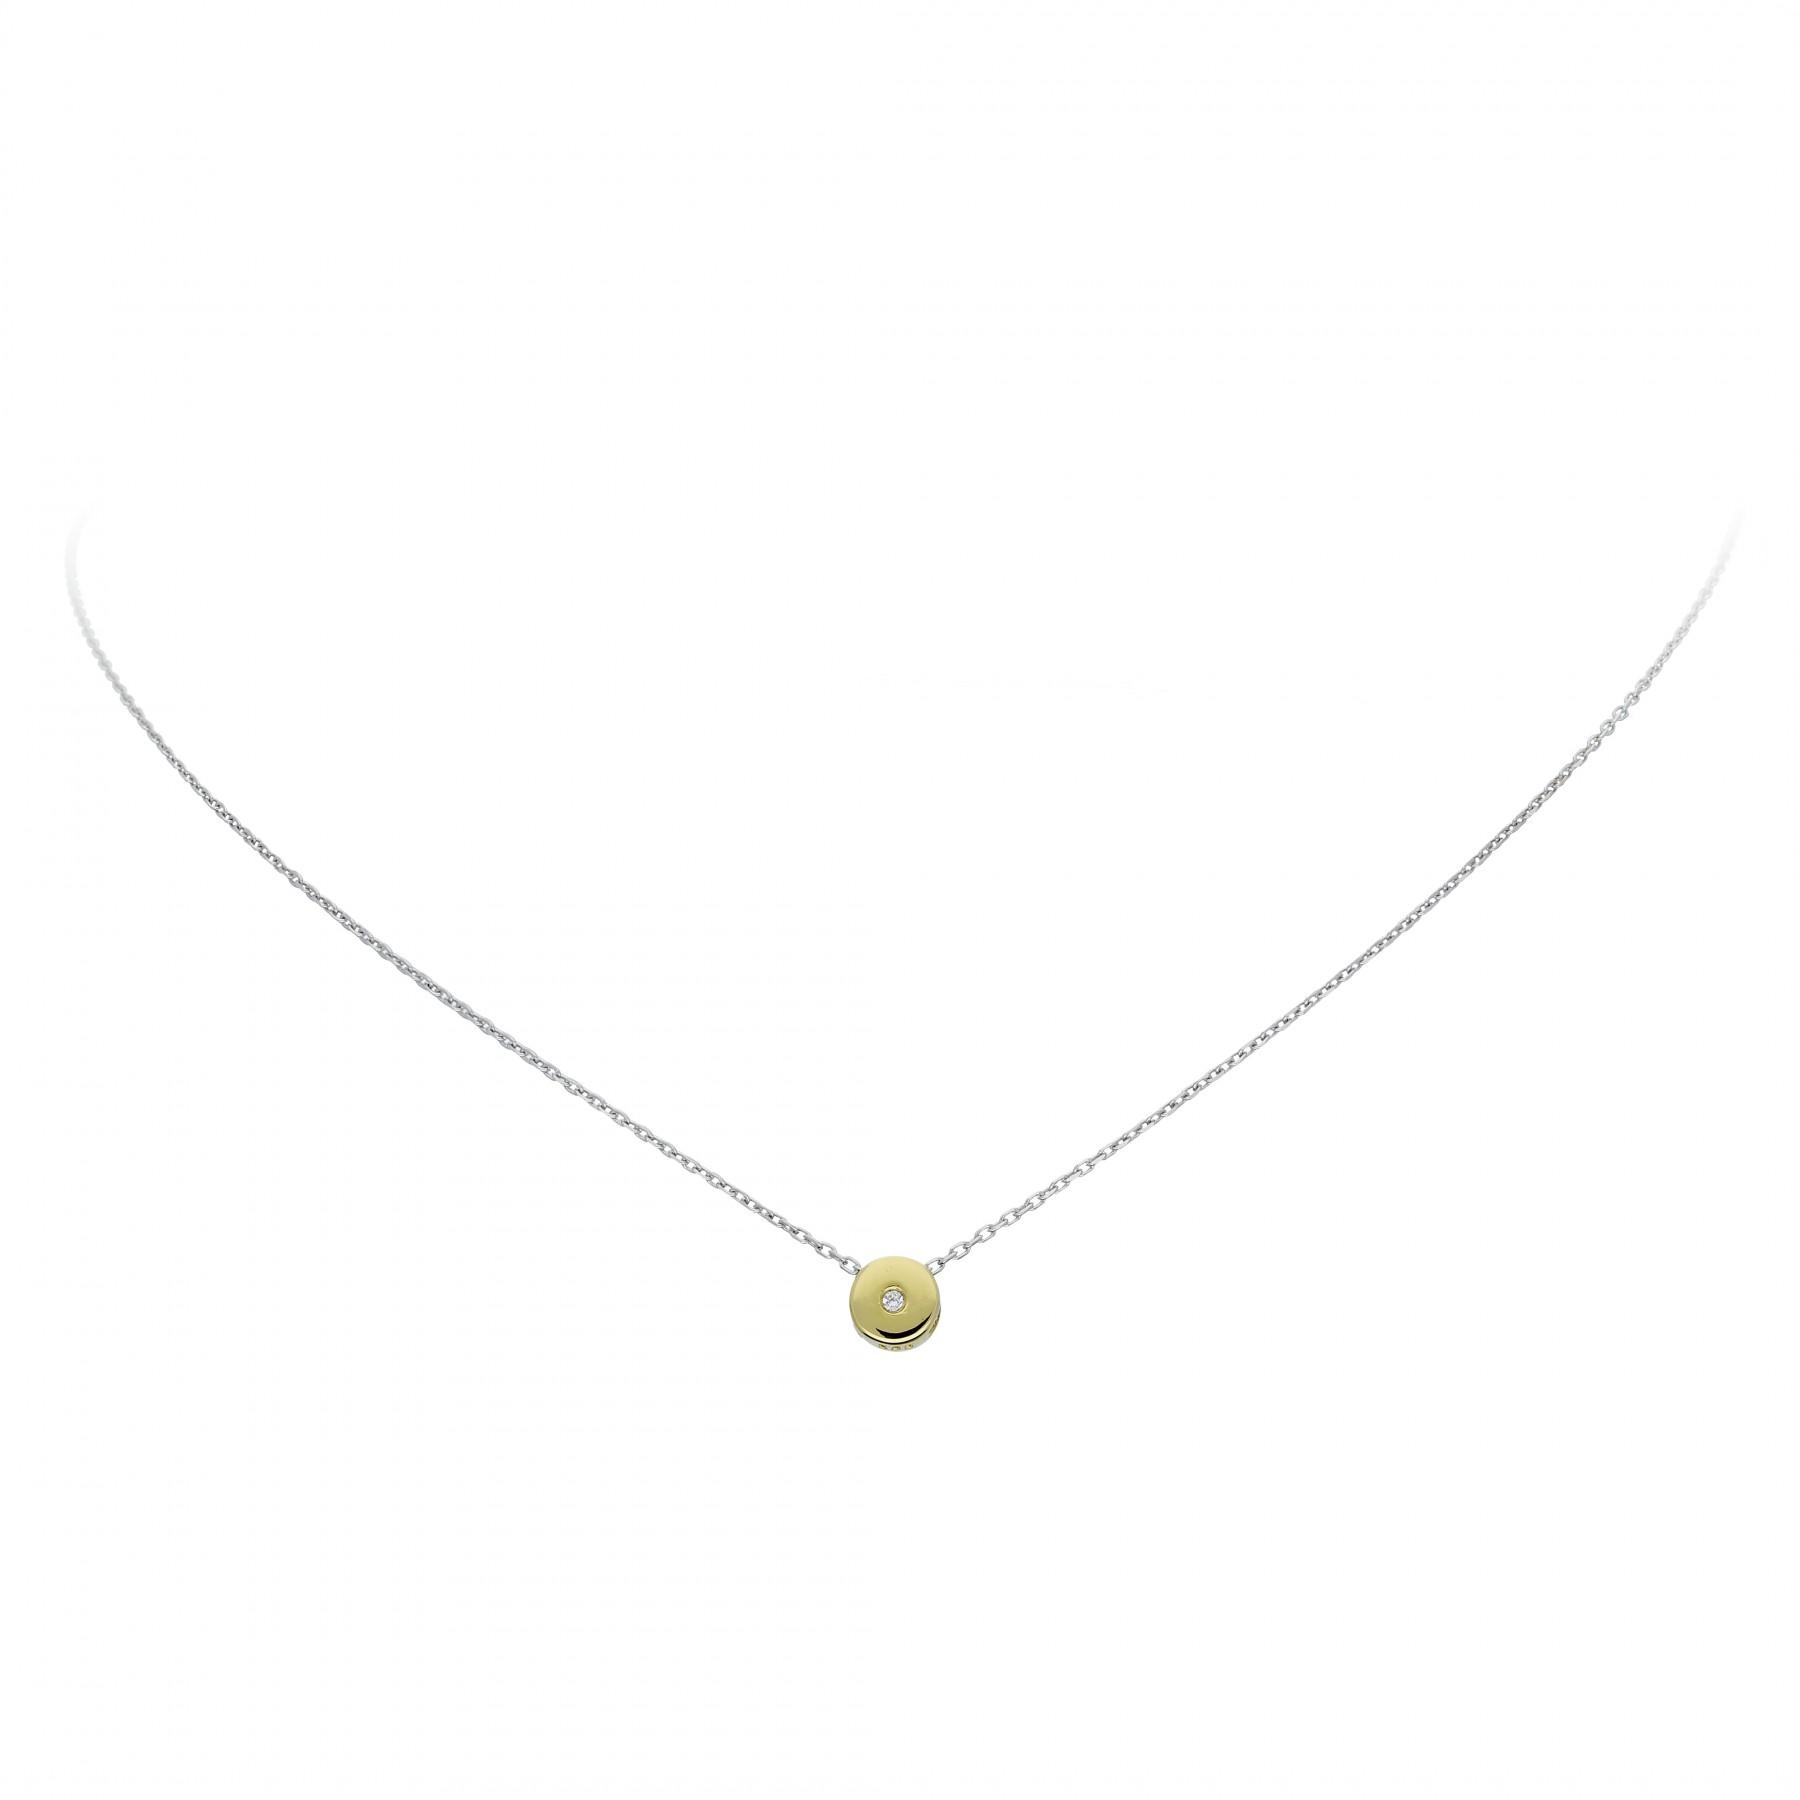 Glow Gouden Collier Met Hanger - 42 Cm Rond Zirkonia Ankerschakel 202.5020.42